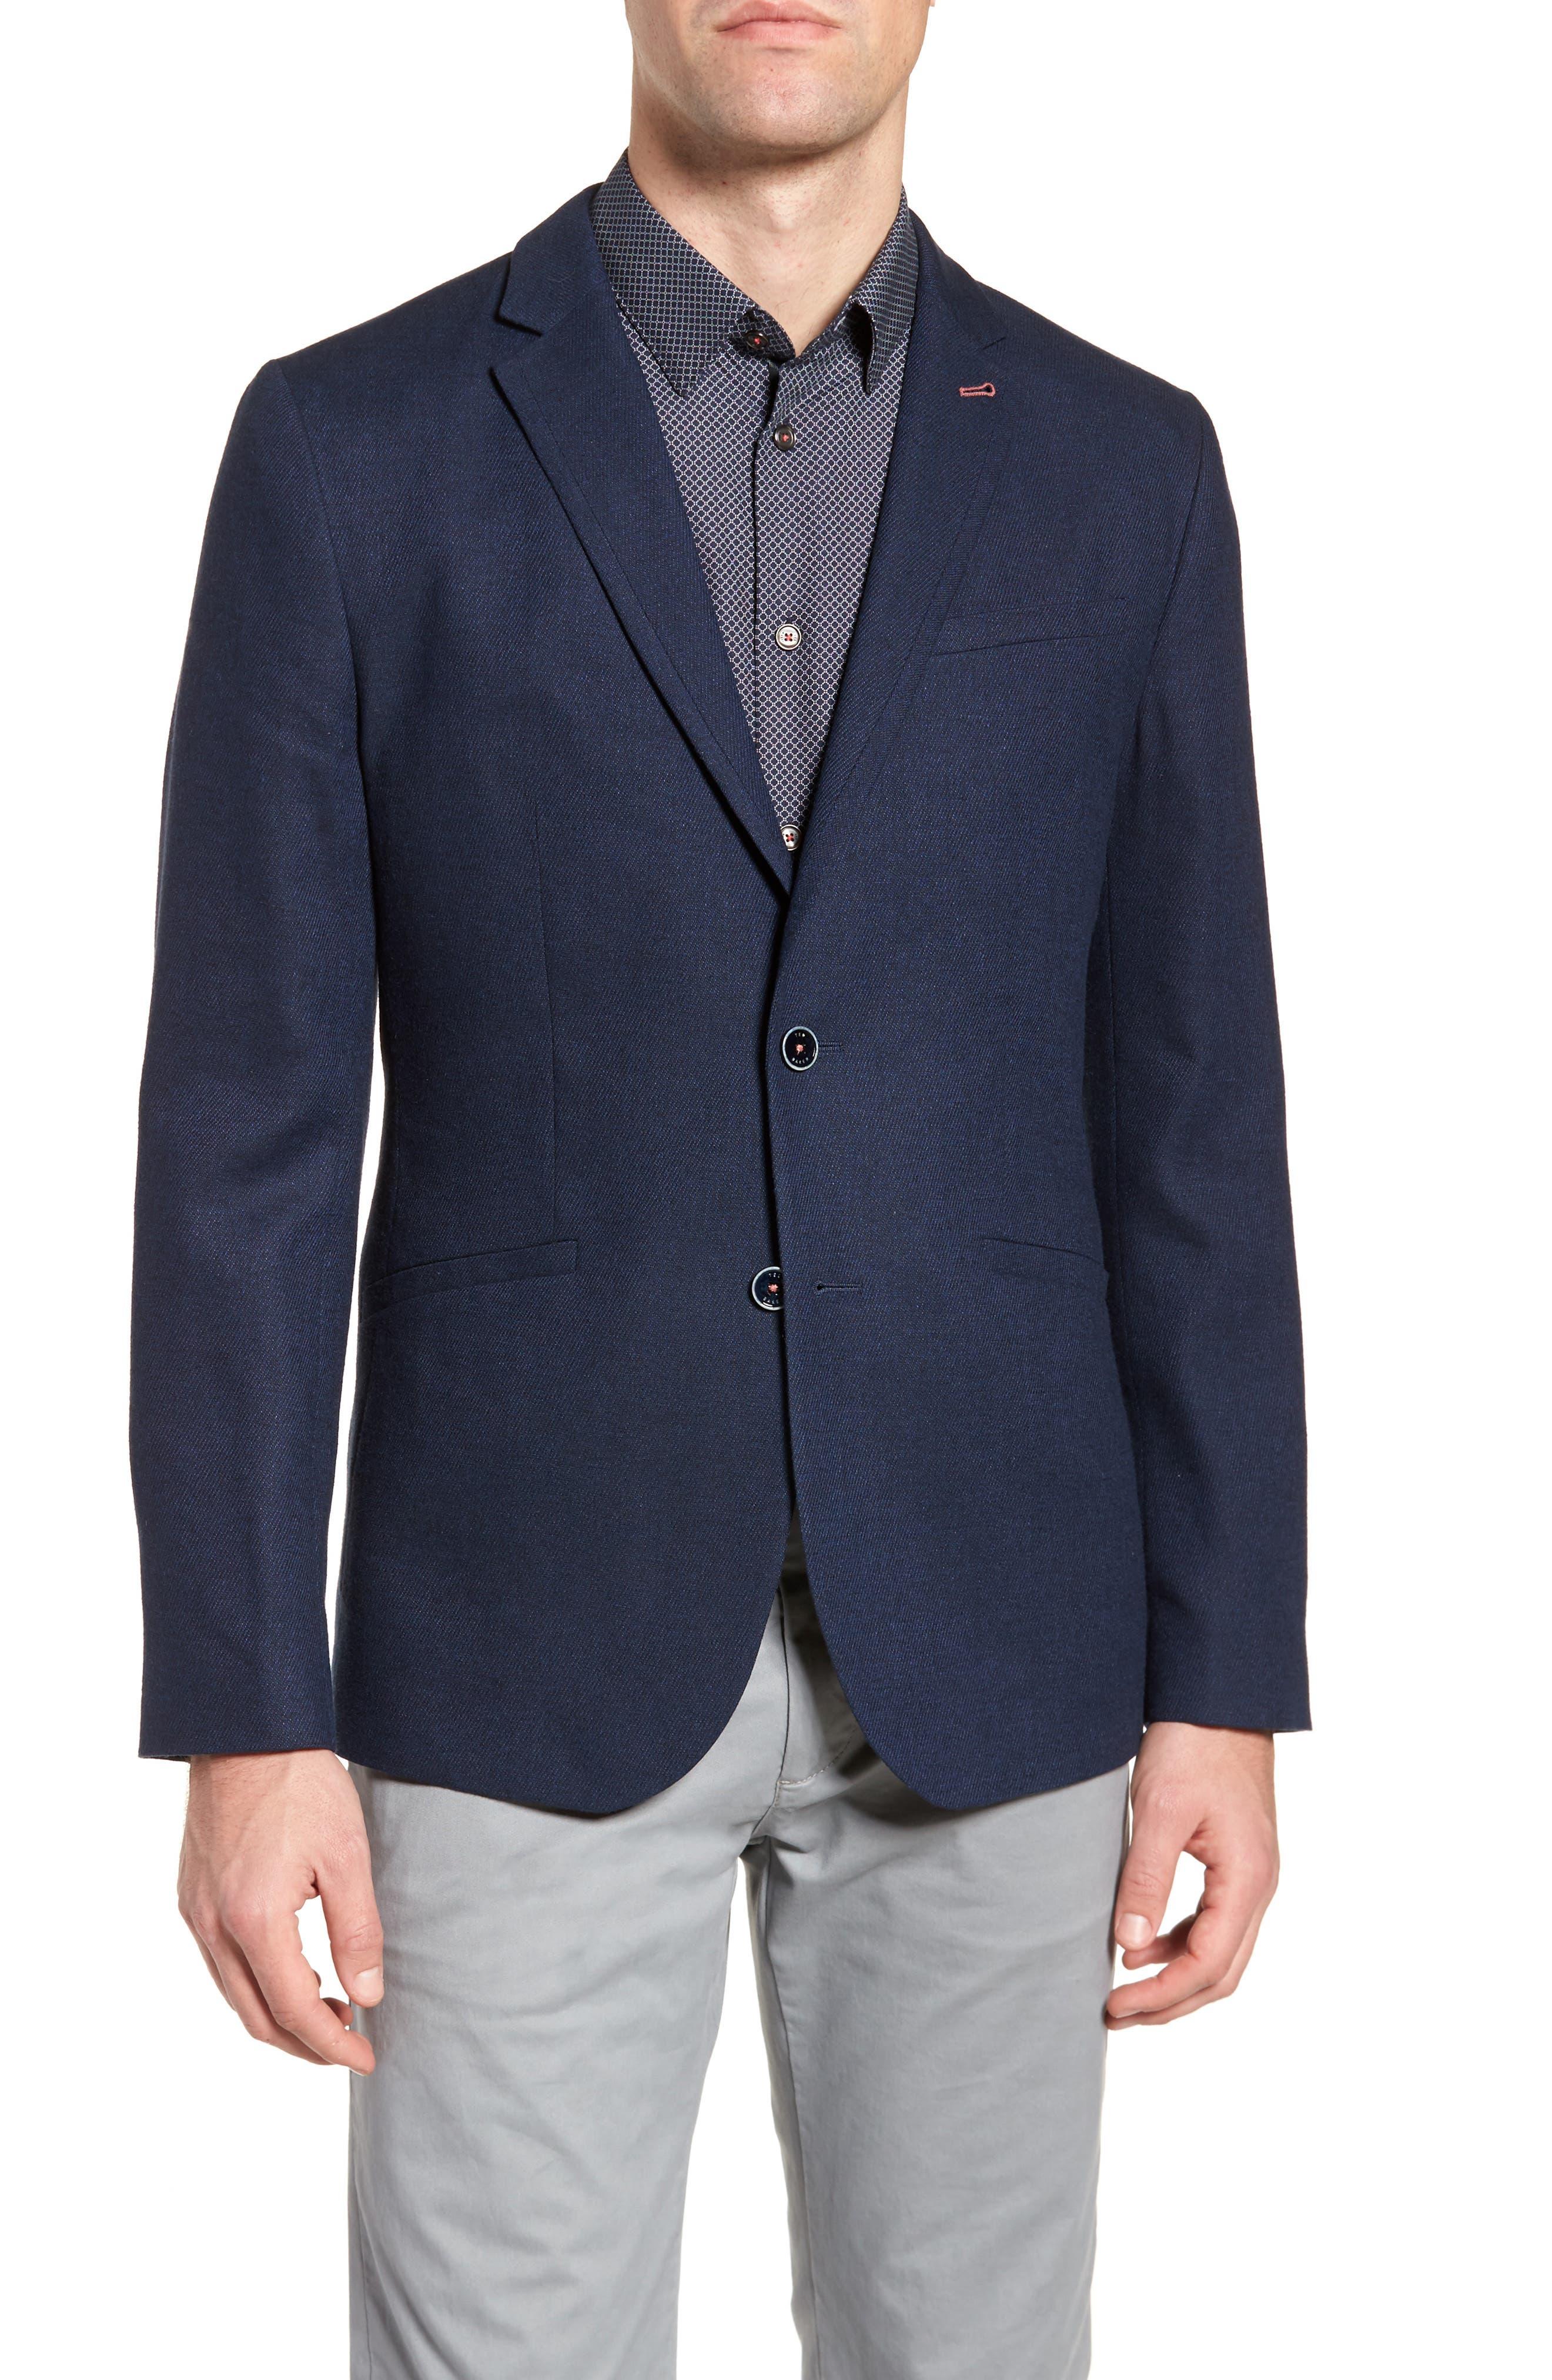 Hines Trim Fit Linen Blend Blazer,                         Main,                         color, Navy